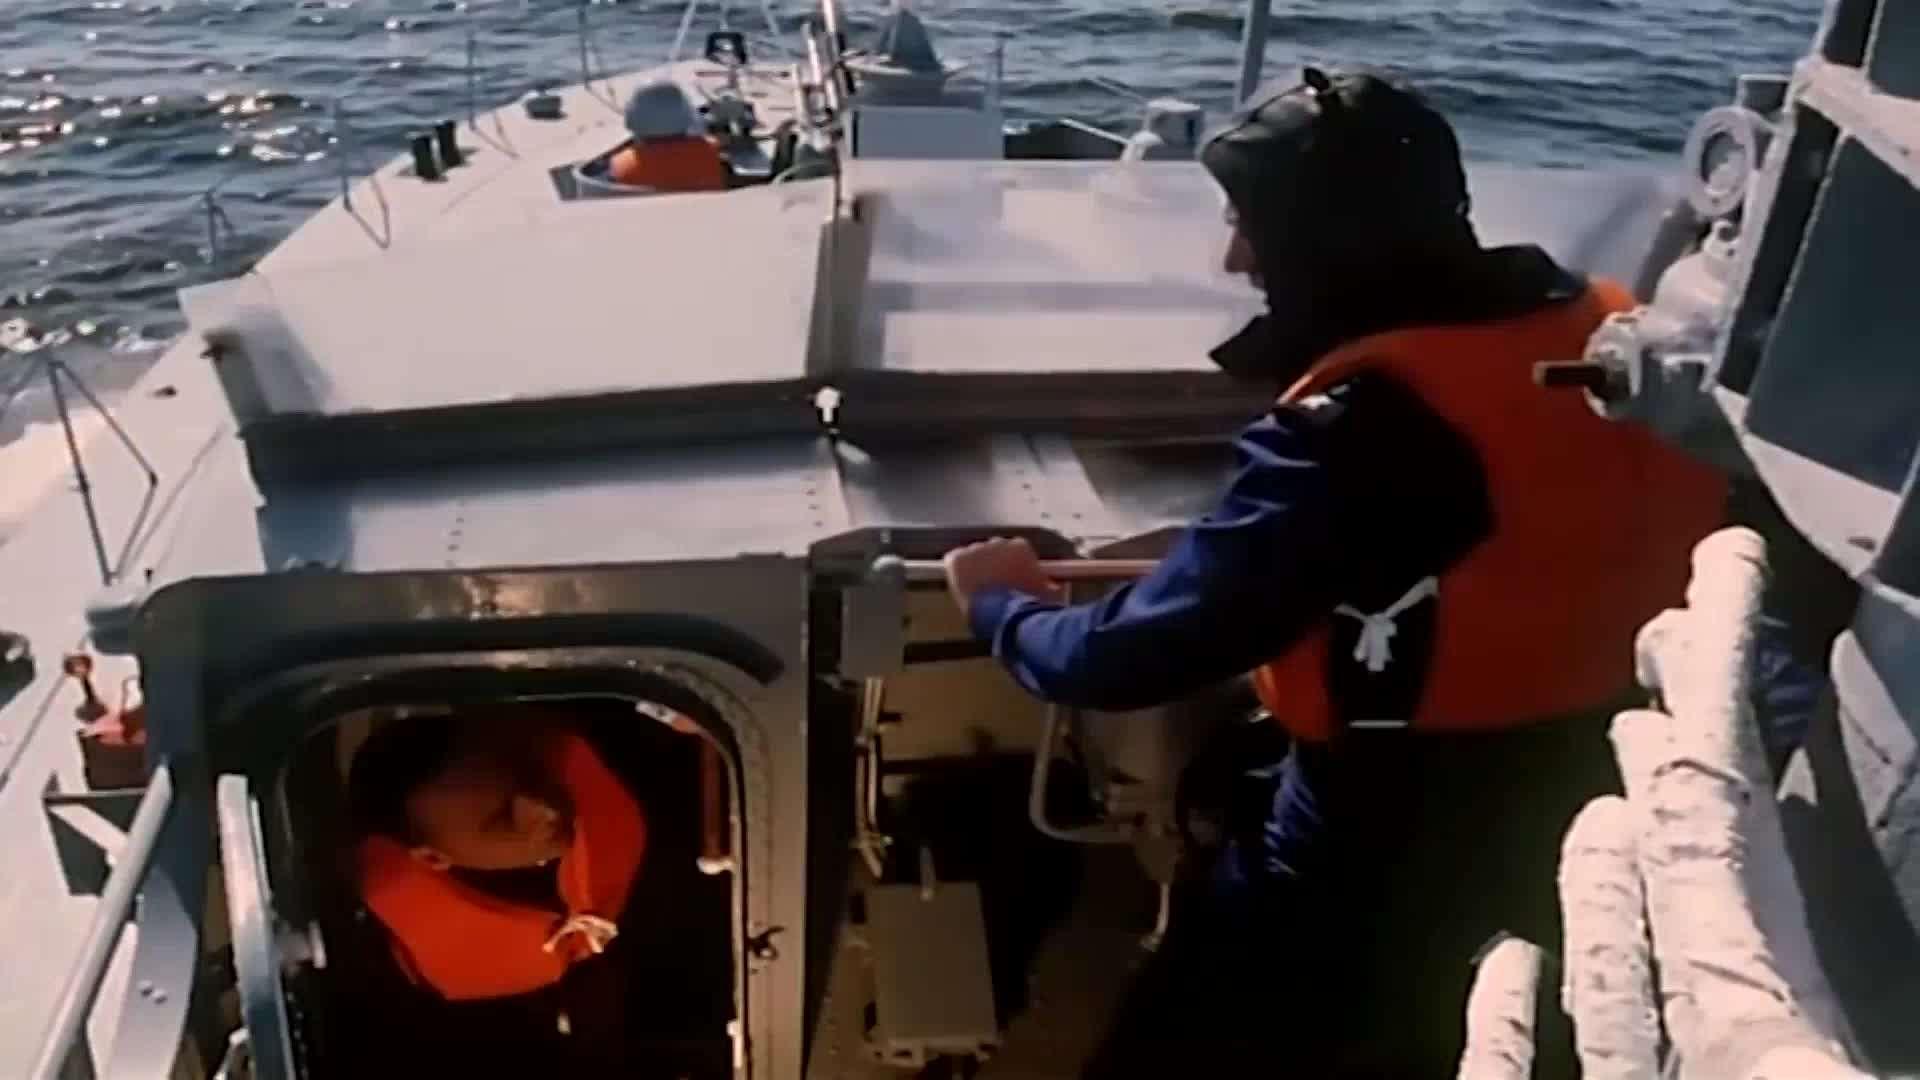 [فيلم][تورنت][تحميل][يوم الكرامة][2004][1080p][Web-DL] 17 arabp2p.com